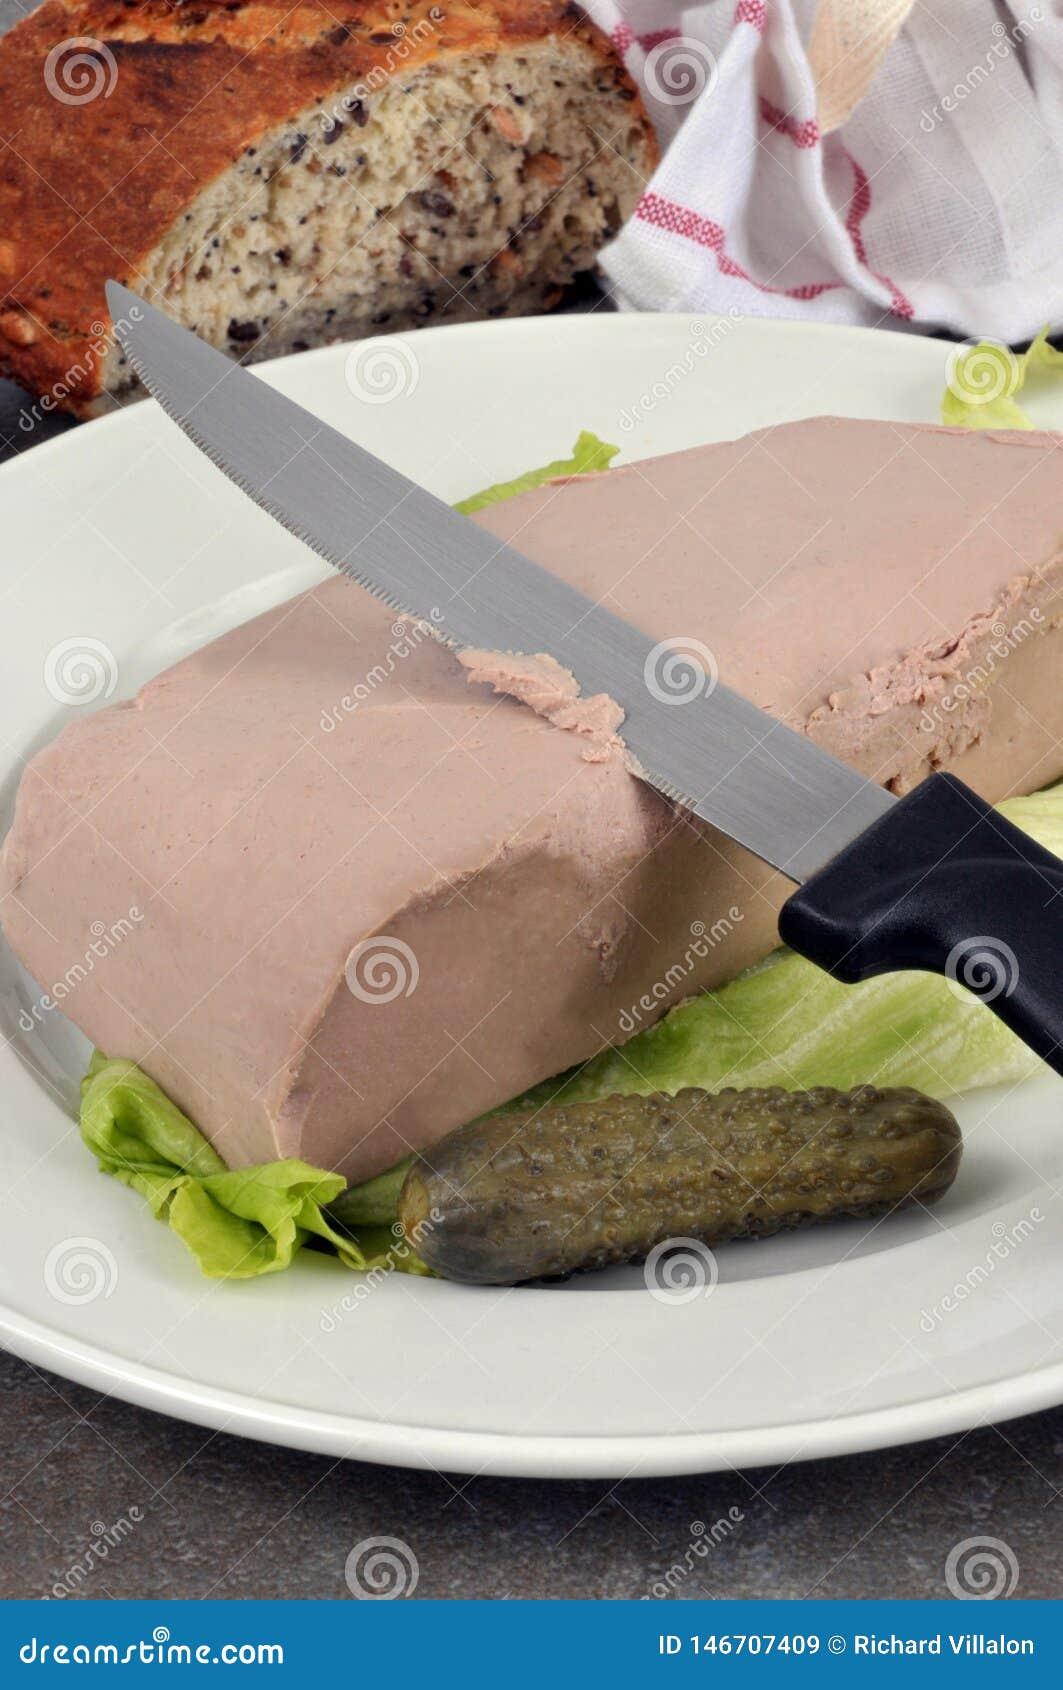 Φέτα του πατέ συκωτιού με ένα τουρσί σε ένα πιάτο